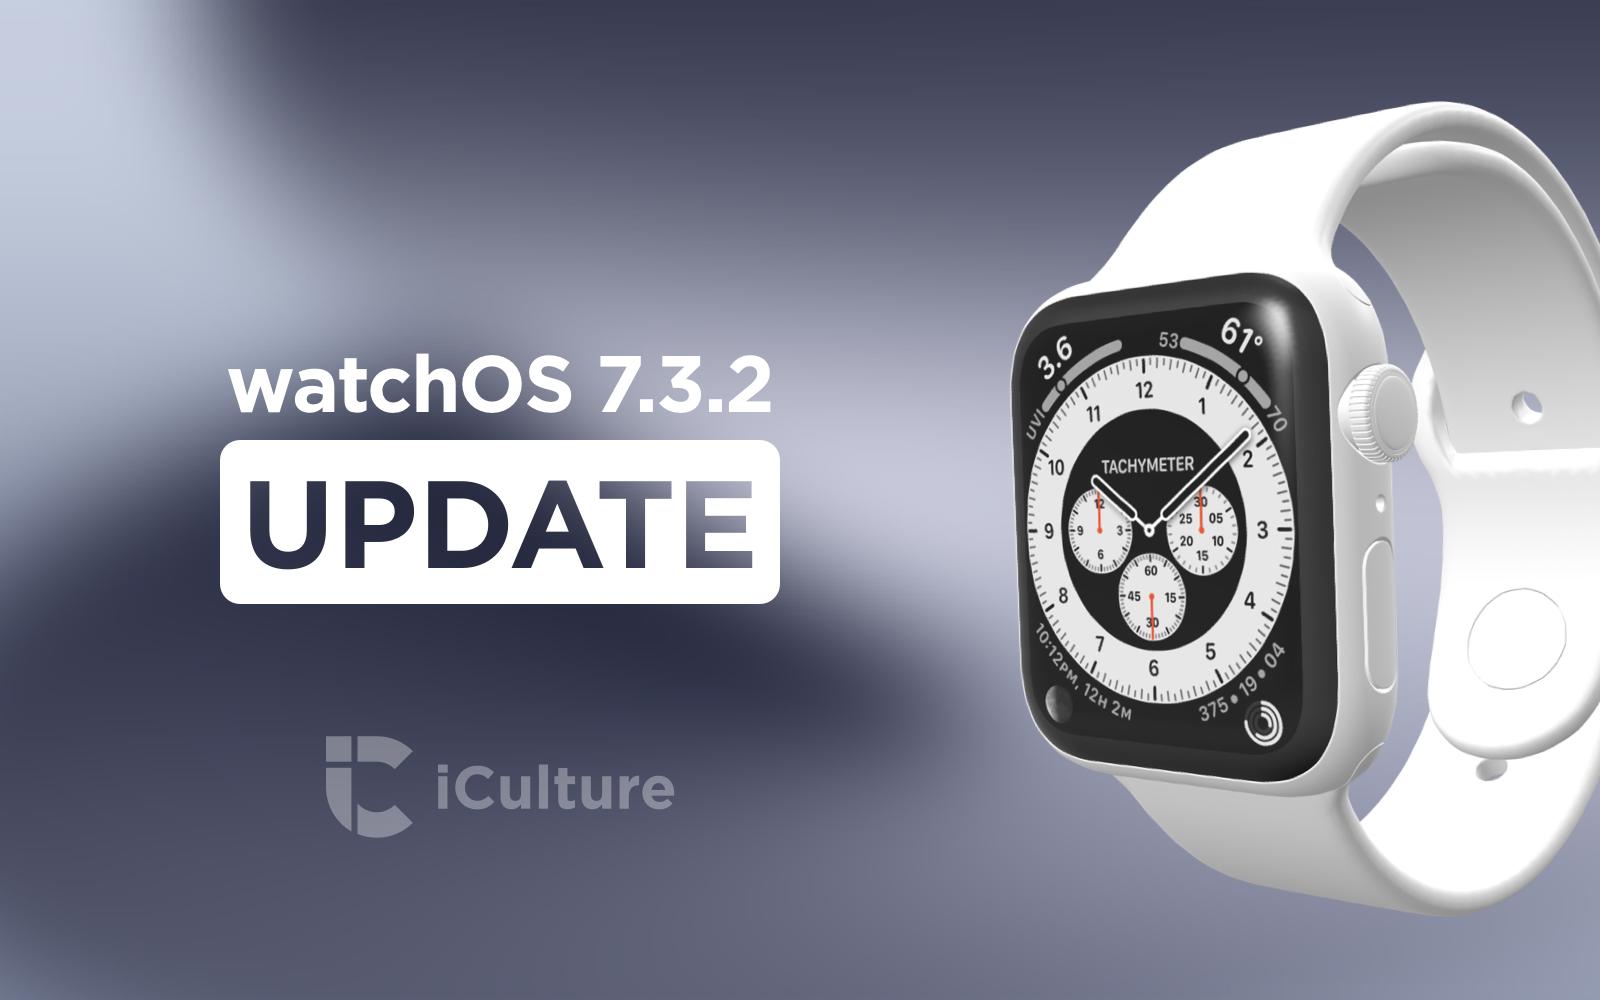 watchOS 7.3.2 update.